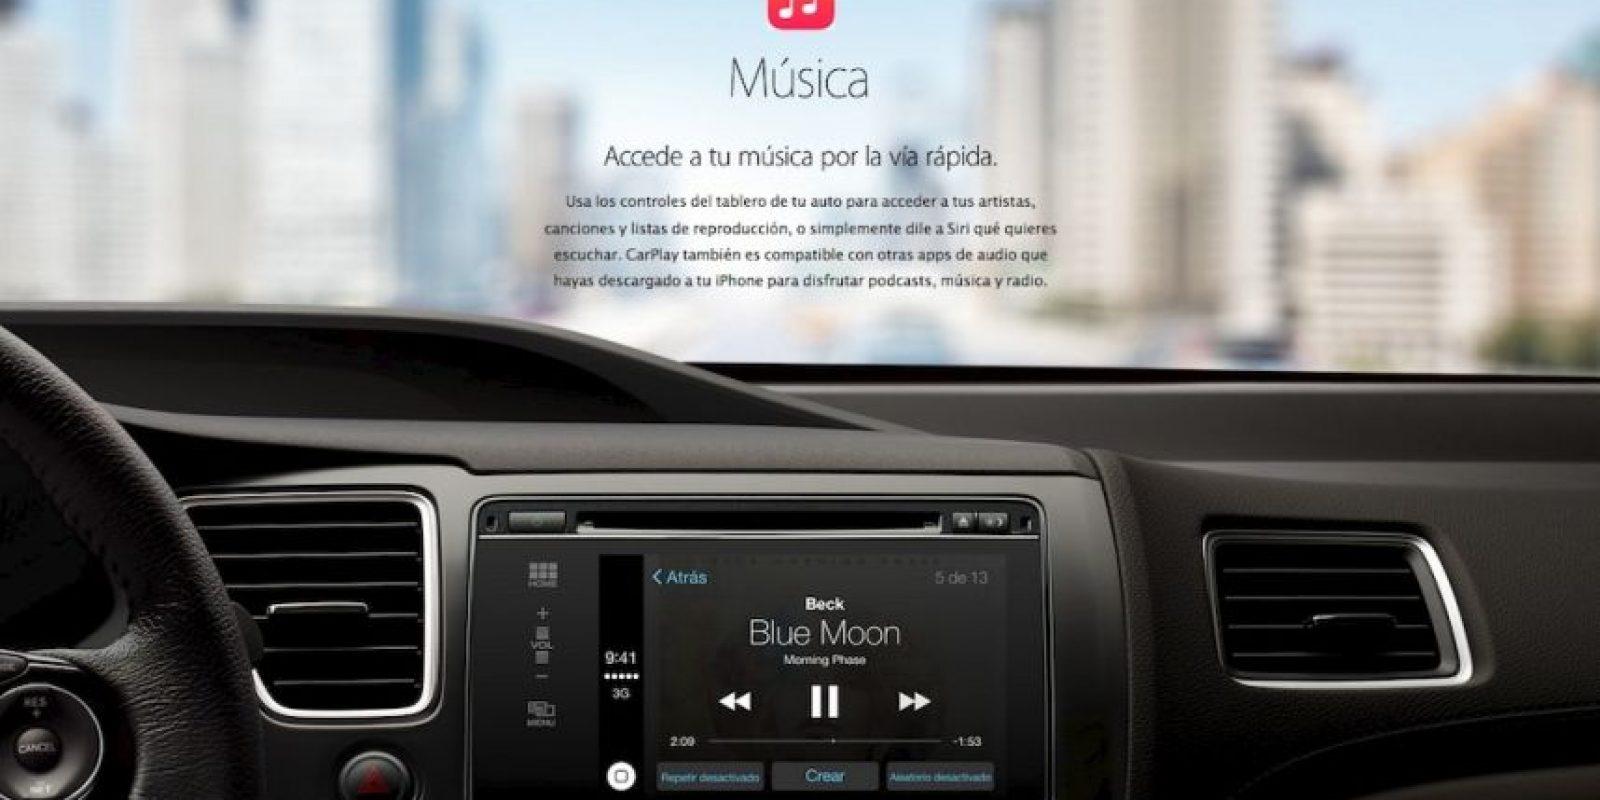 El soundtrack para su viaje en su automóvil. Foto:Apple